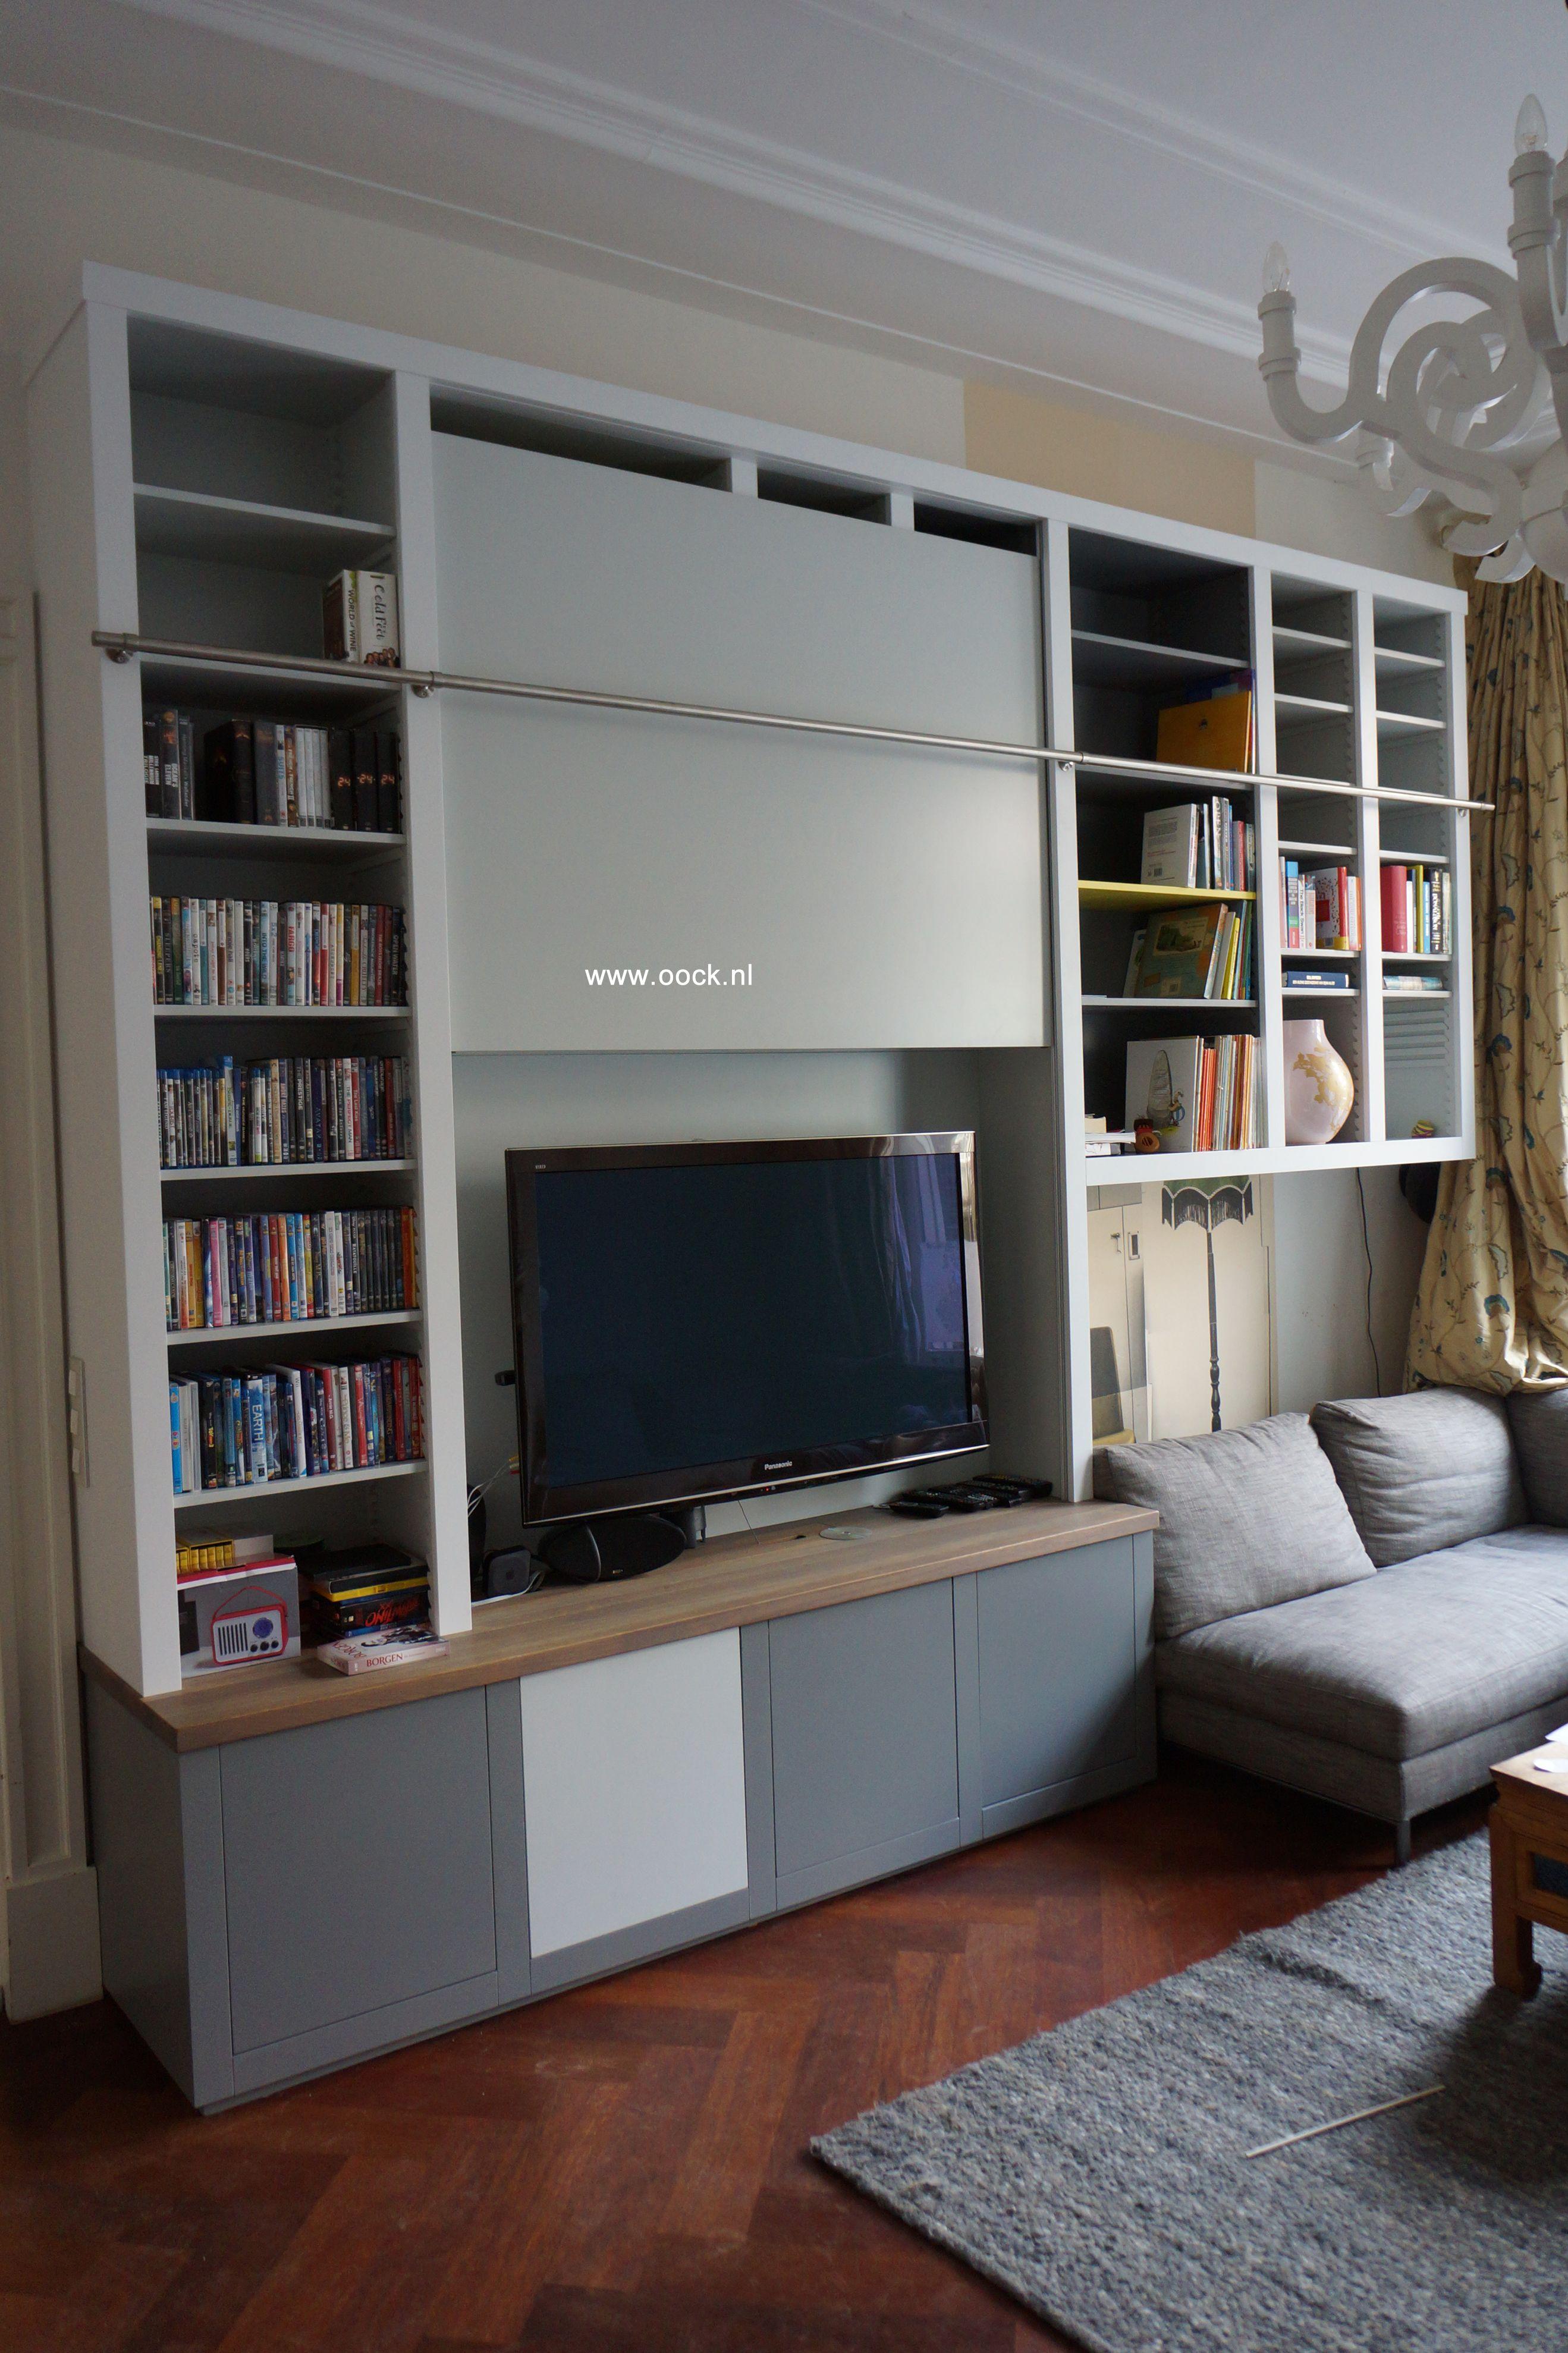 Boekenkast modern gemaakt door meubelbouwer www.oock.nl TV kast met ...